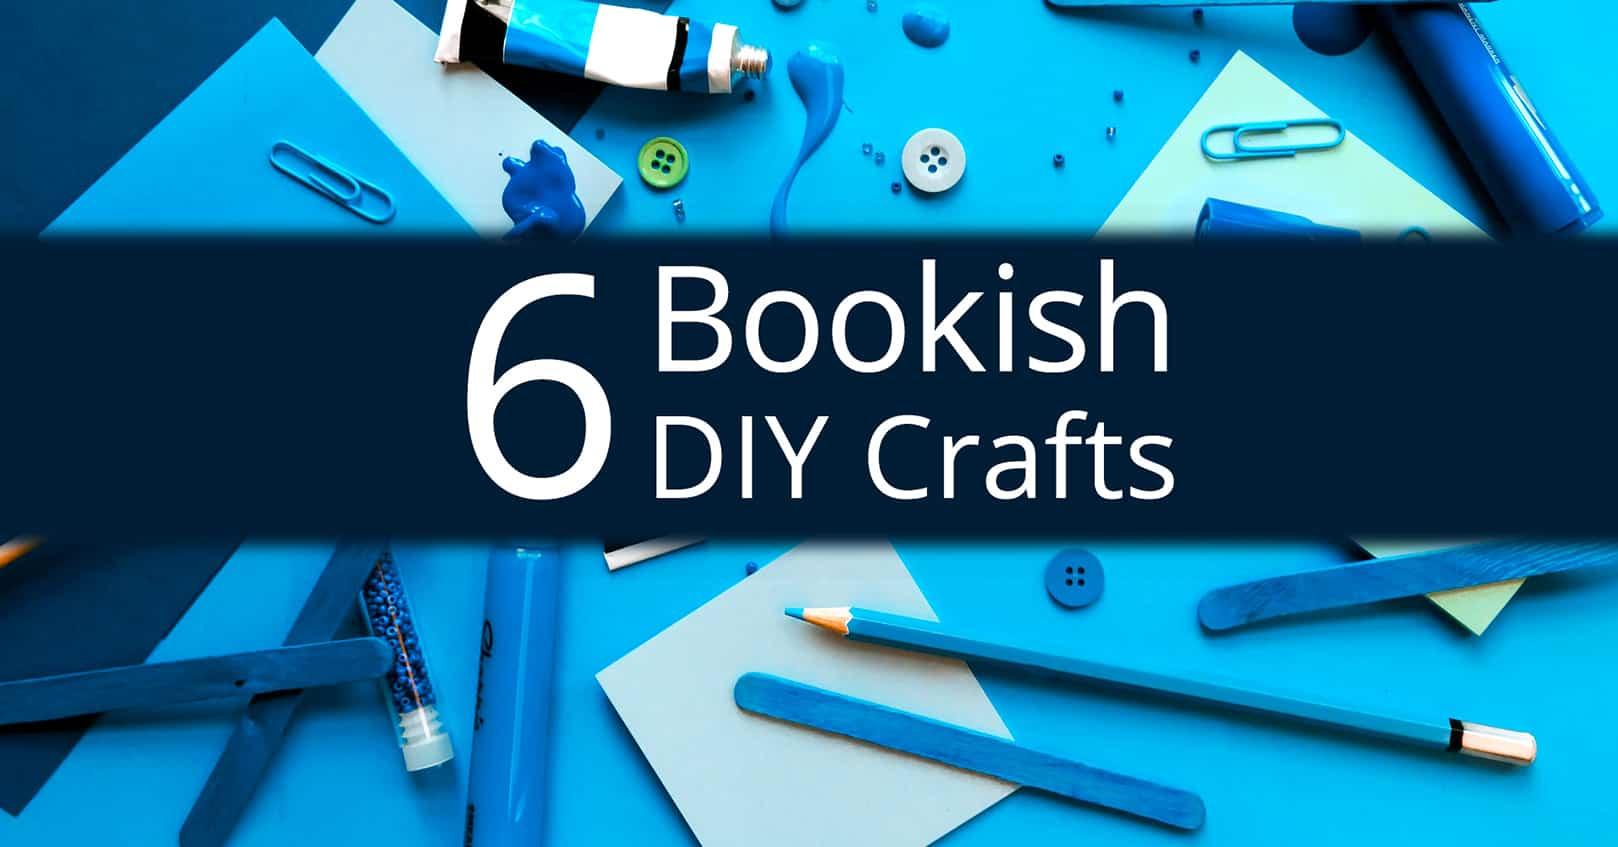 bookish diy crafts